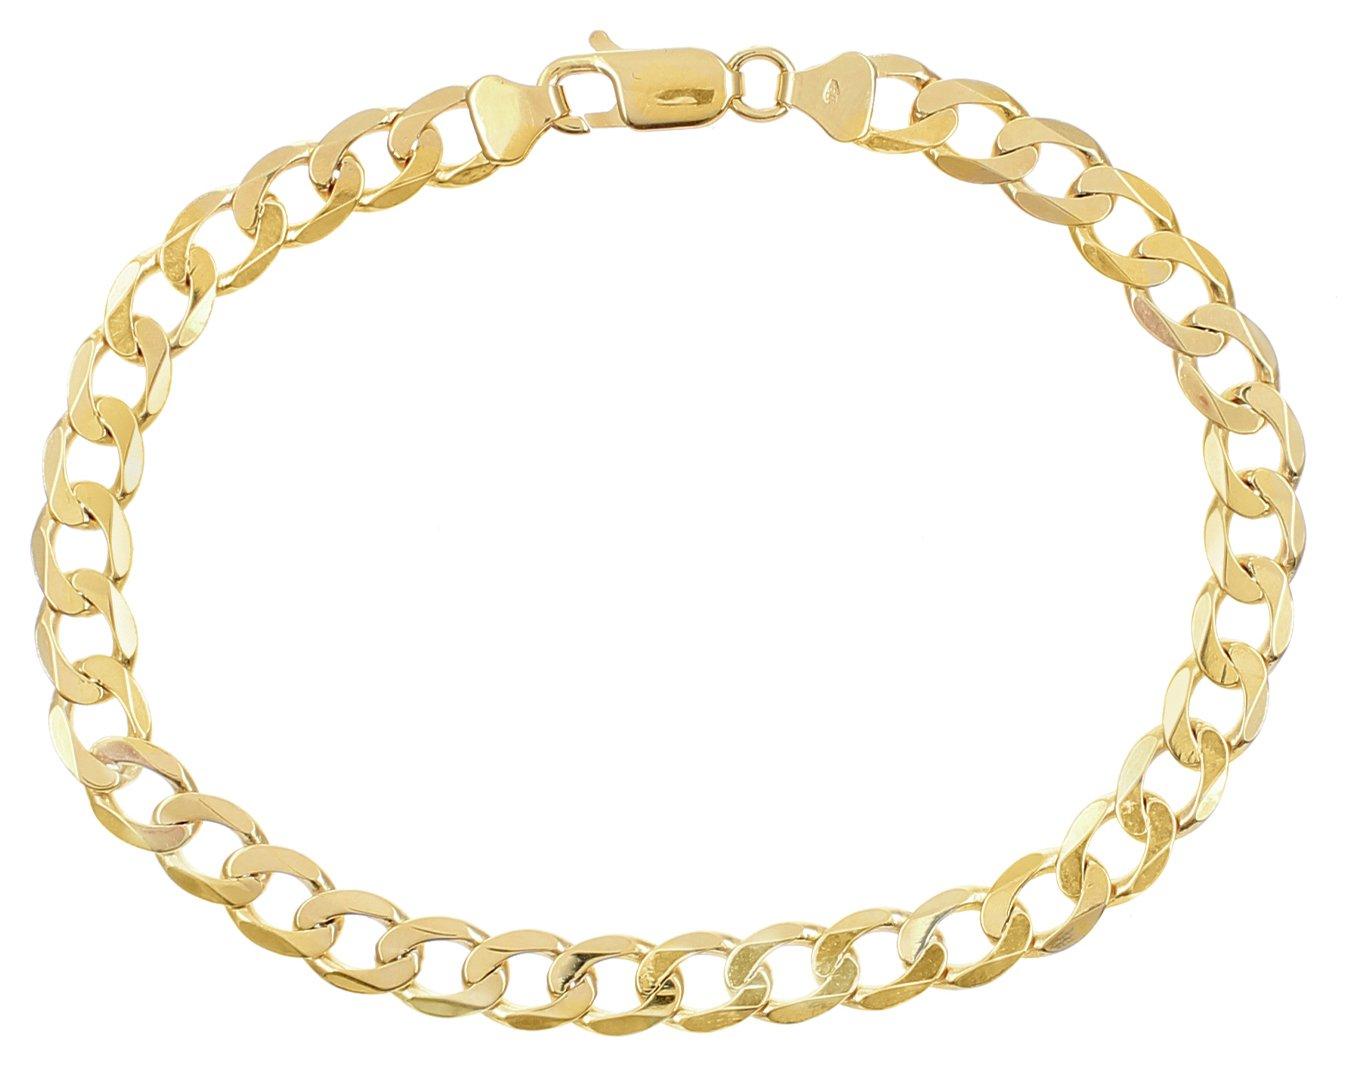 Image of 9 Carat Gold - 8 inch Curb Bracelet.